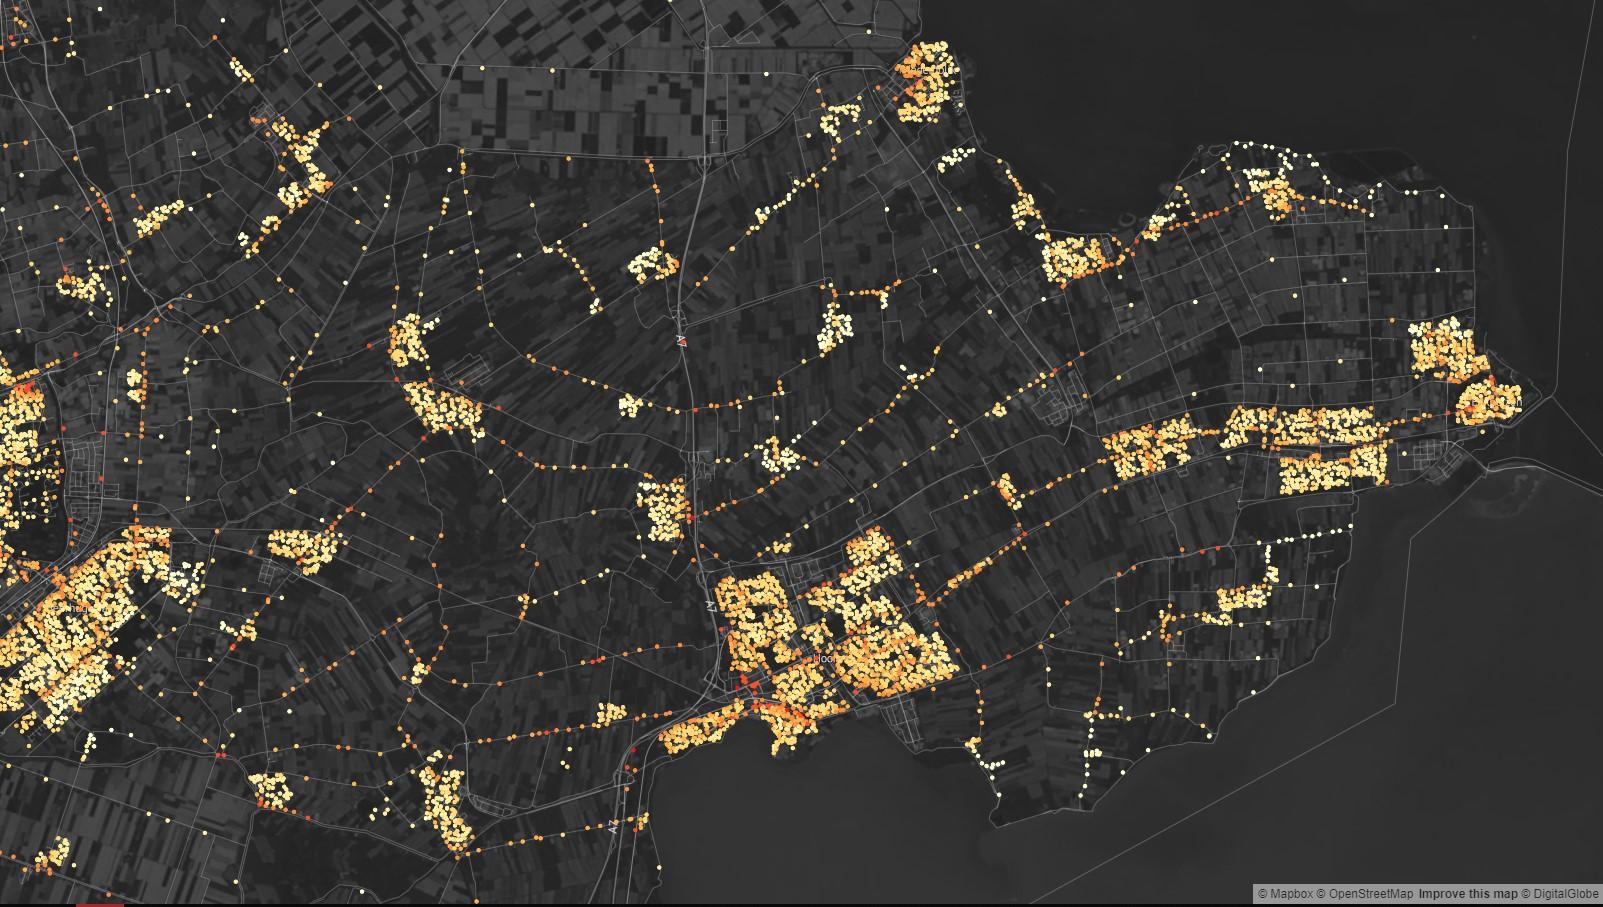 Hoeveel omgevingslawaai is er bij jouw woning? [kaart]